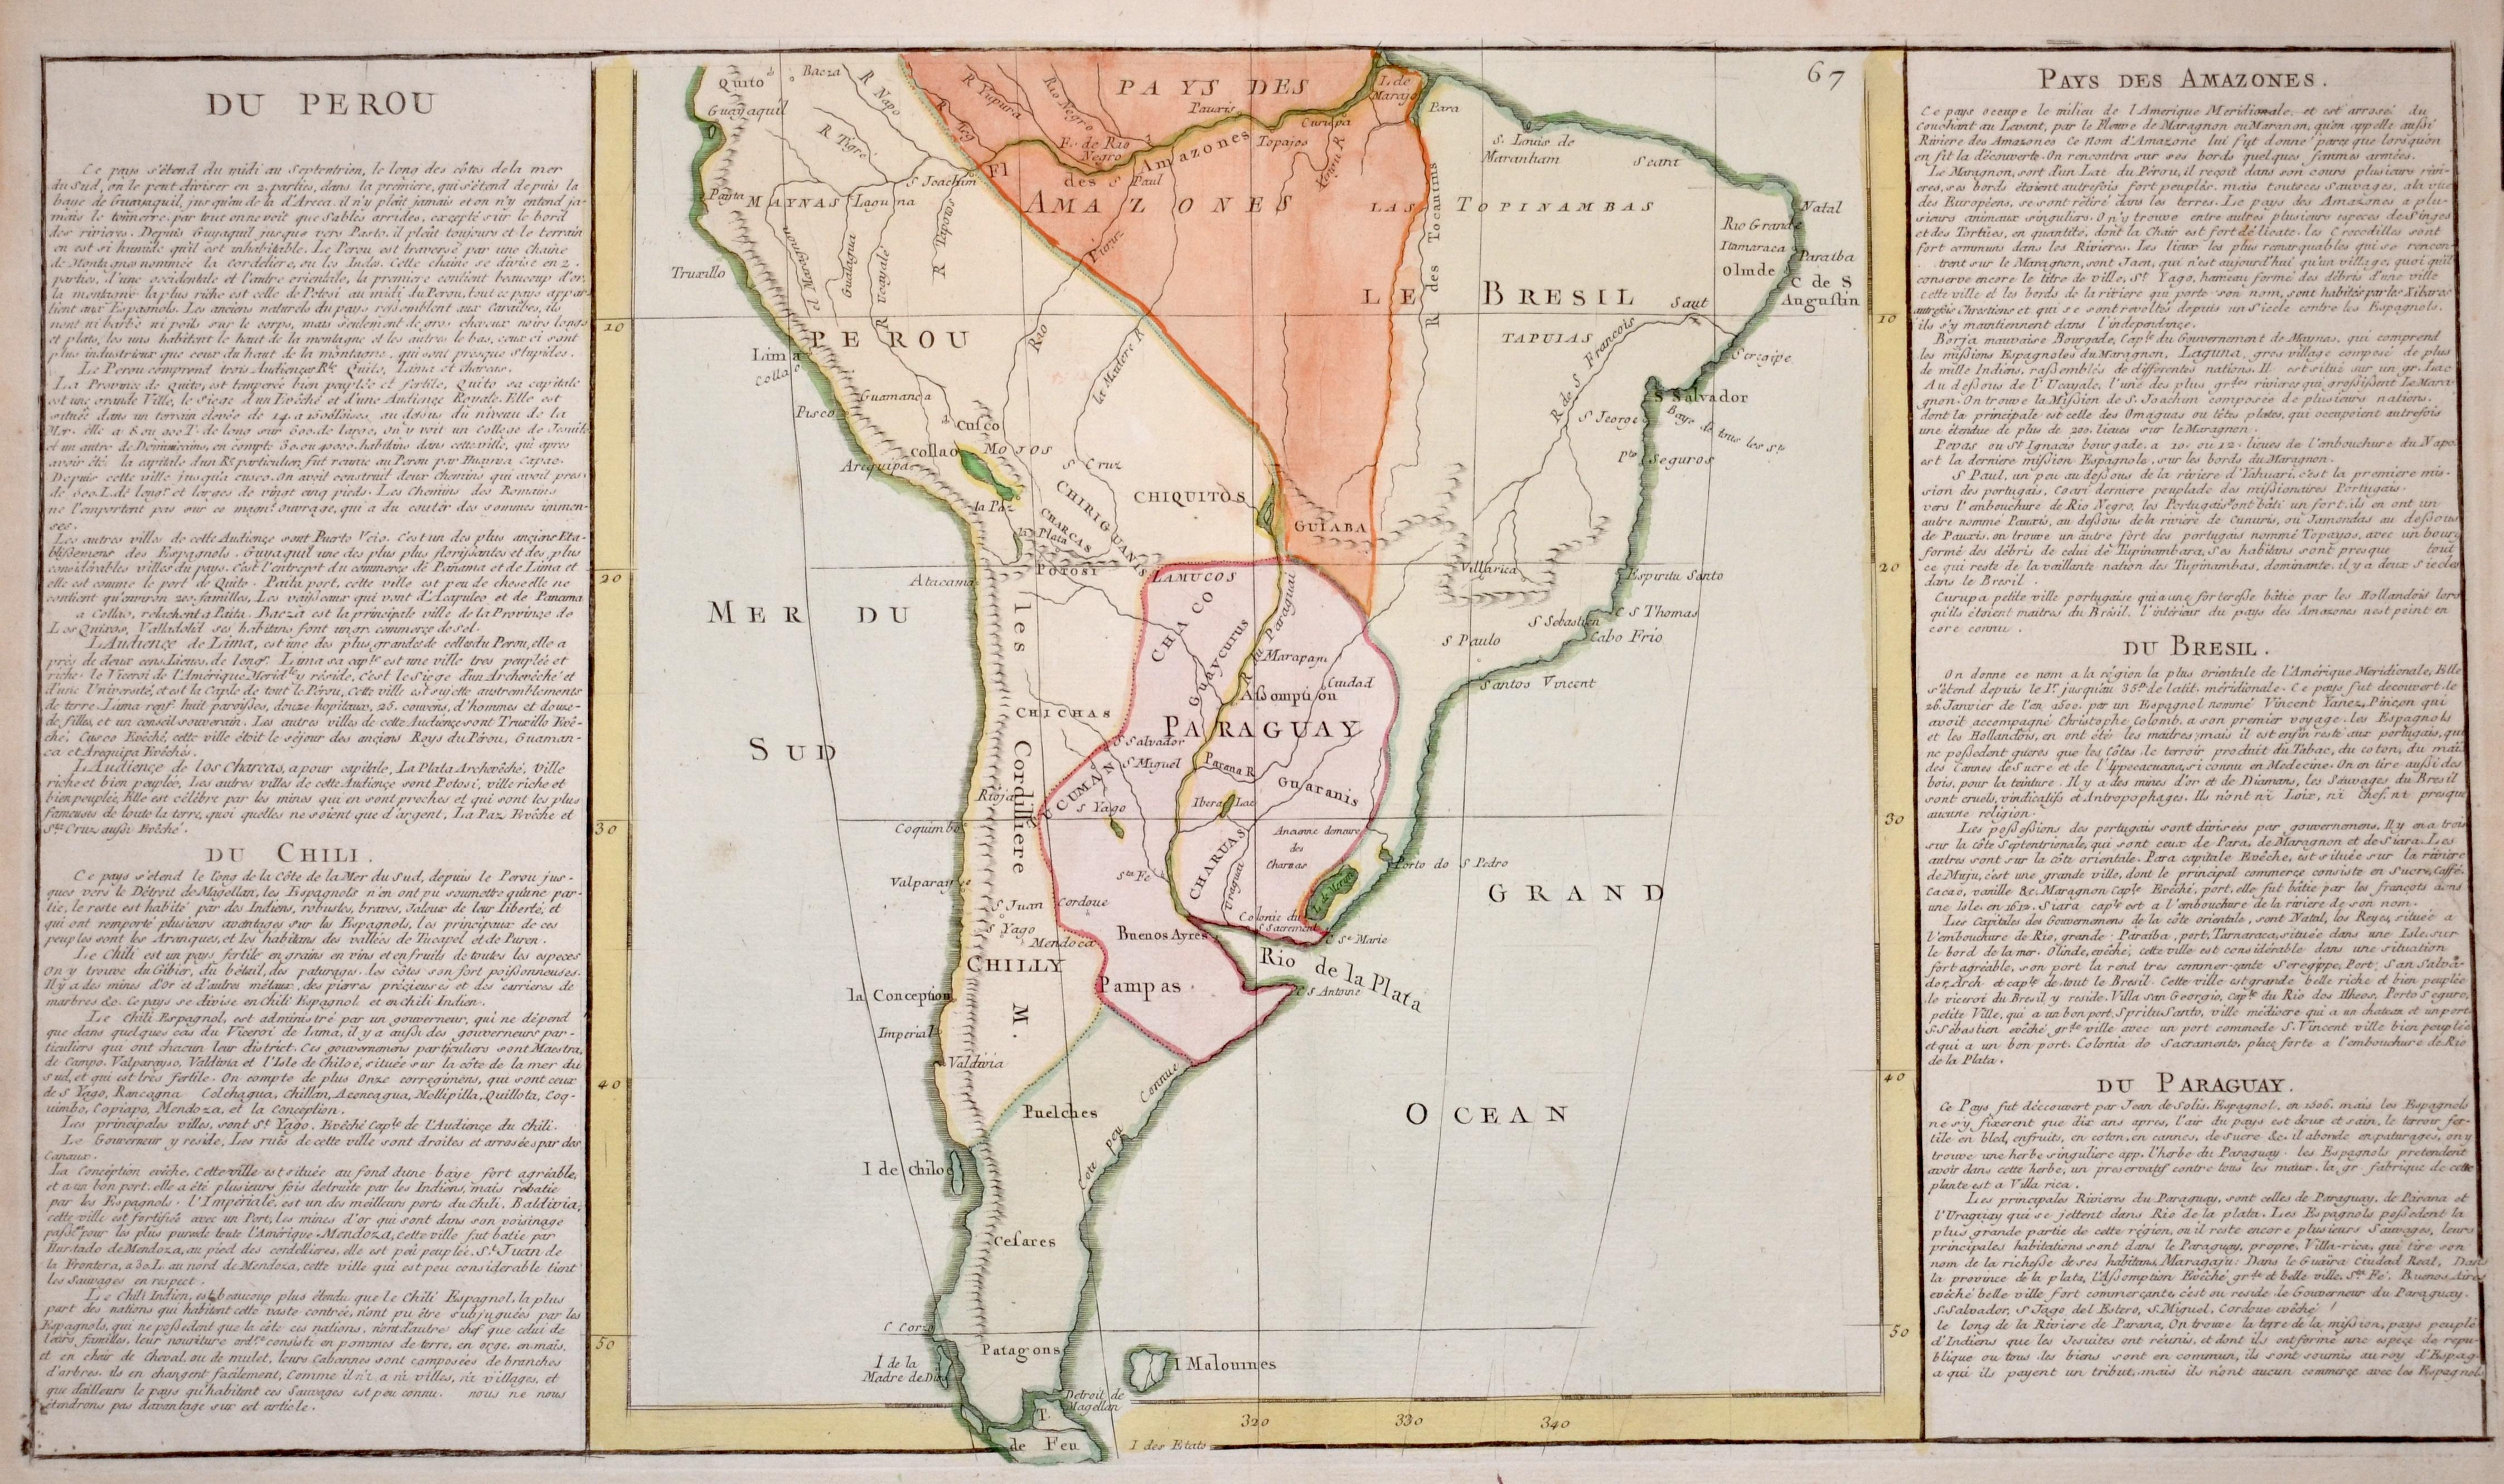 Anonymus  Du Perou, Du Chili, Pays des Amazones. Du Bresil. Du Paraguay.